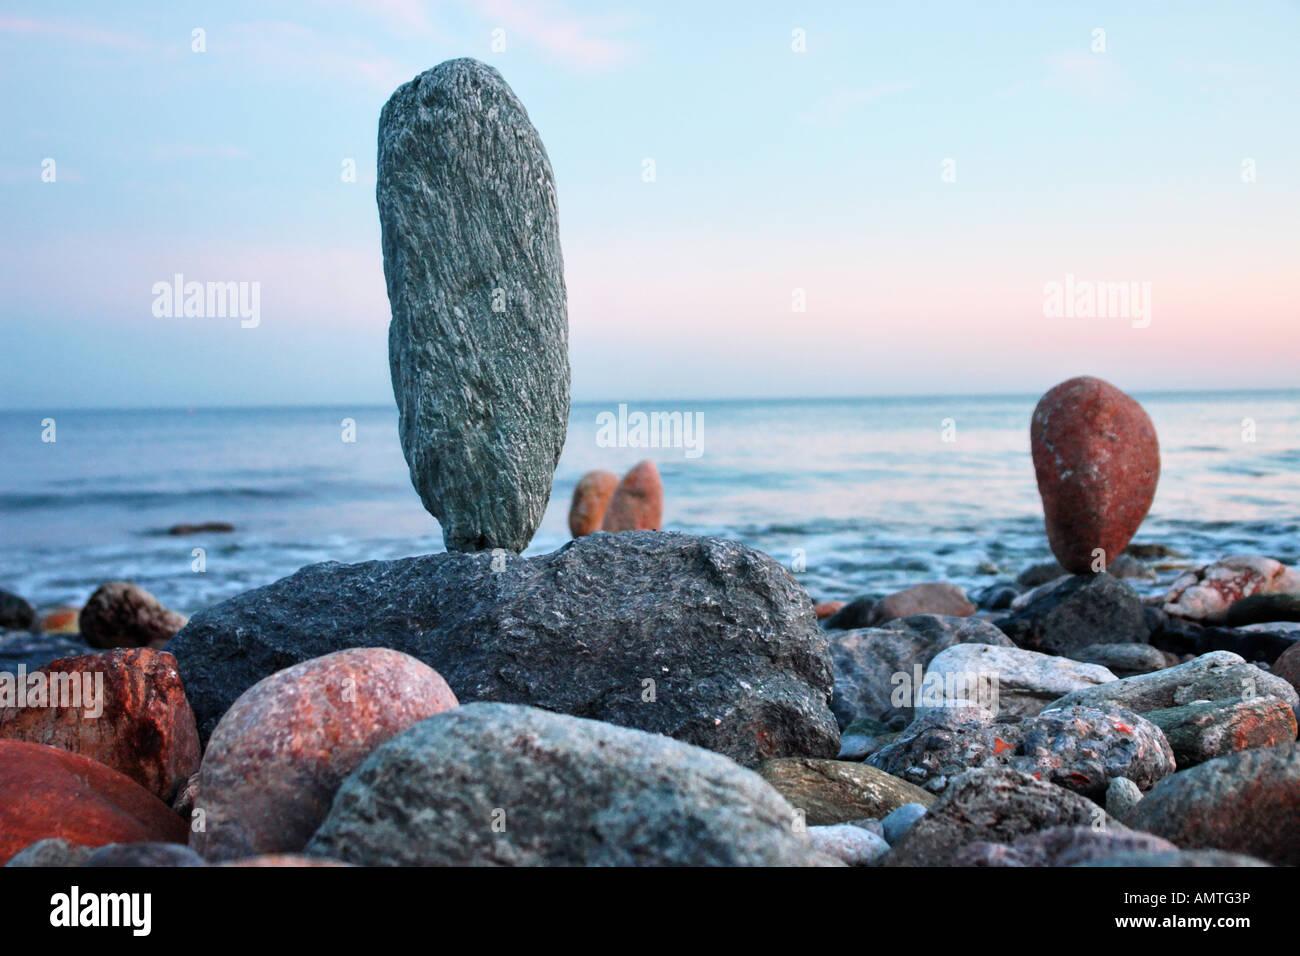 Foto des Steins im Gleichgewicht am Strand Stockfoto